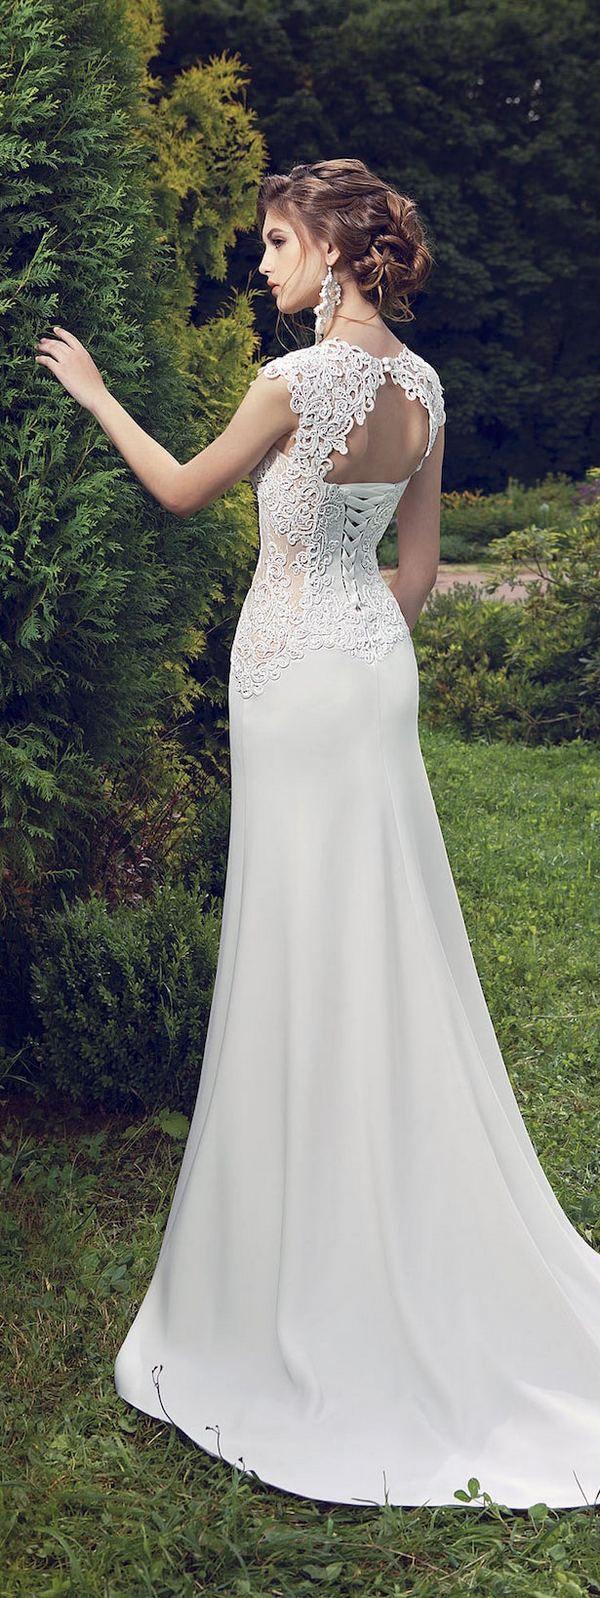 Milva 2016 Wedding Dresses Fairy Garden Collection / http://www.deerpearlflowers.com/milva-wedding-dresses/19/